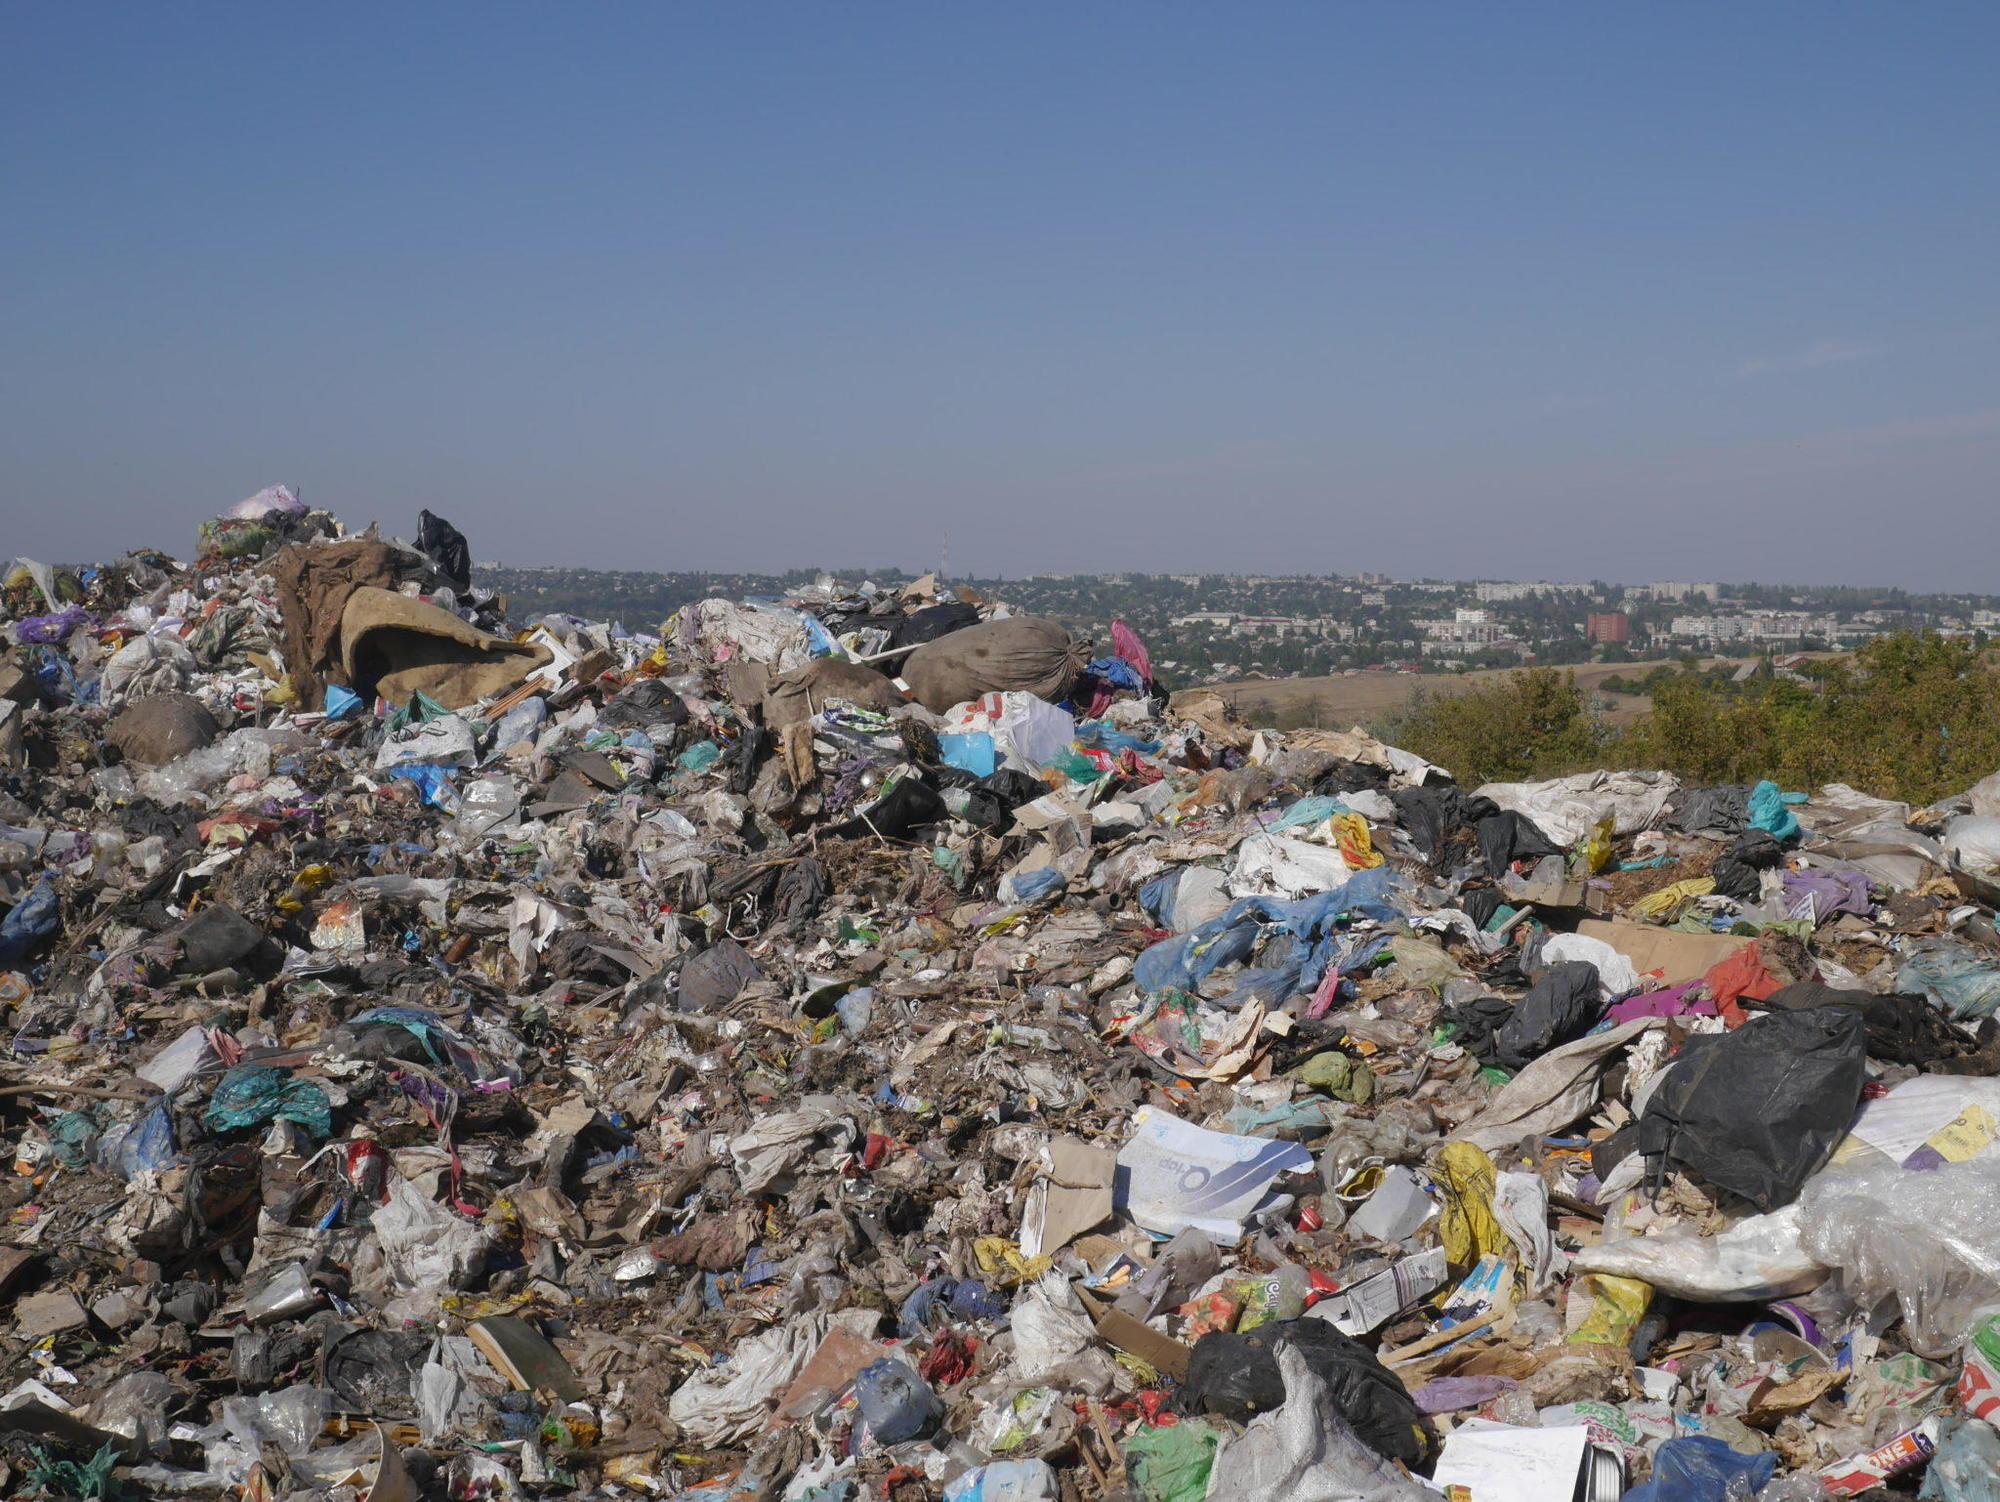 побутові відходи полігон ТПВ Бахмут бахмутське сміттєзвалище